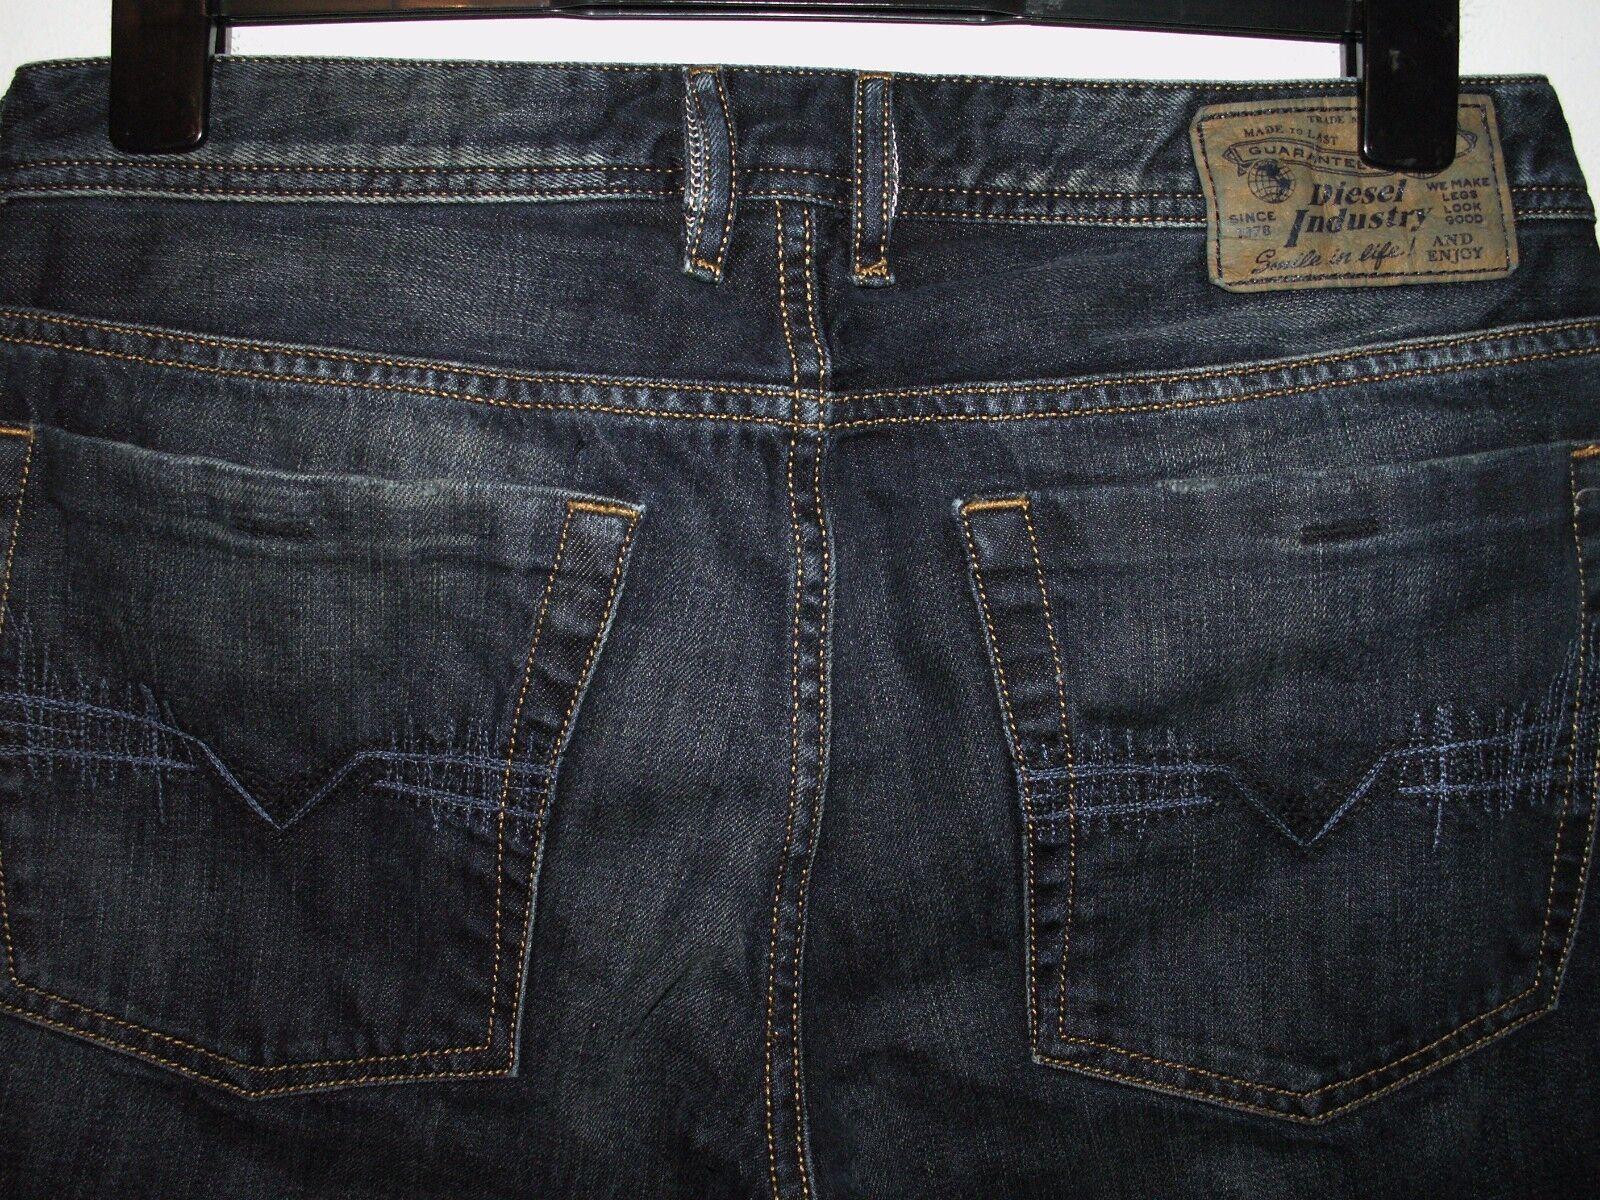 Diesel zatiny Stiefelcut jeans wash 0074C W32 L30 (a3132)  | Gutes Design  | Überlegene Qualität  | Langfristiger Ruf